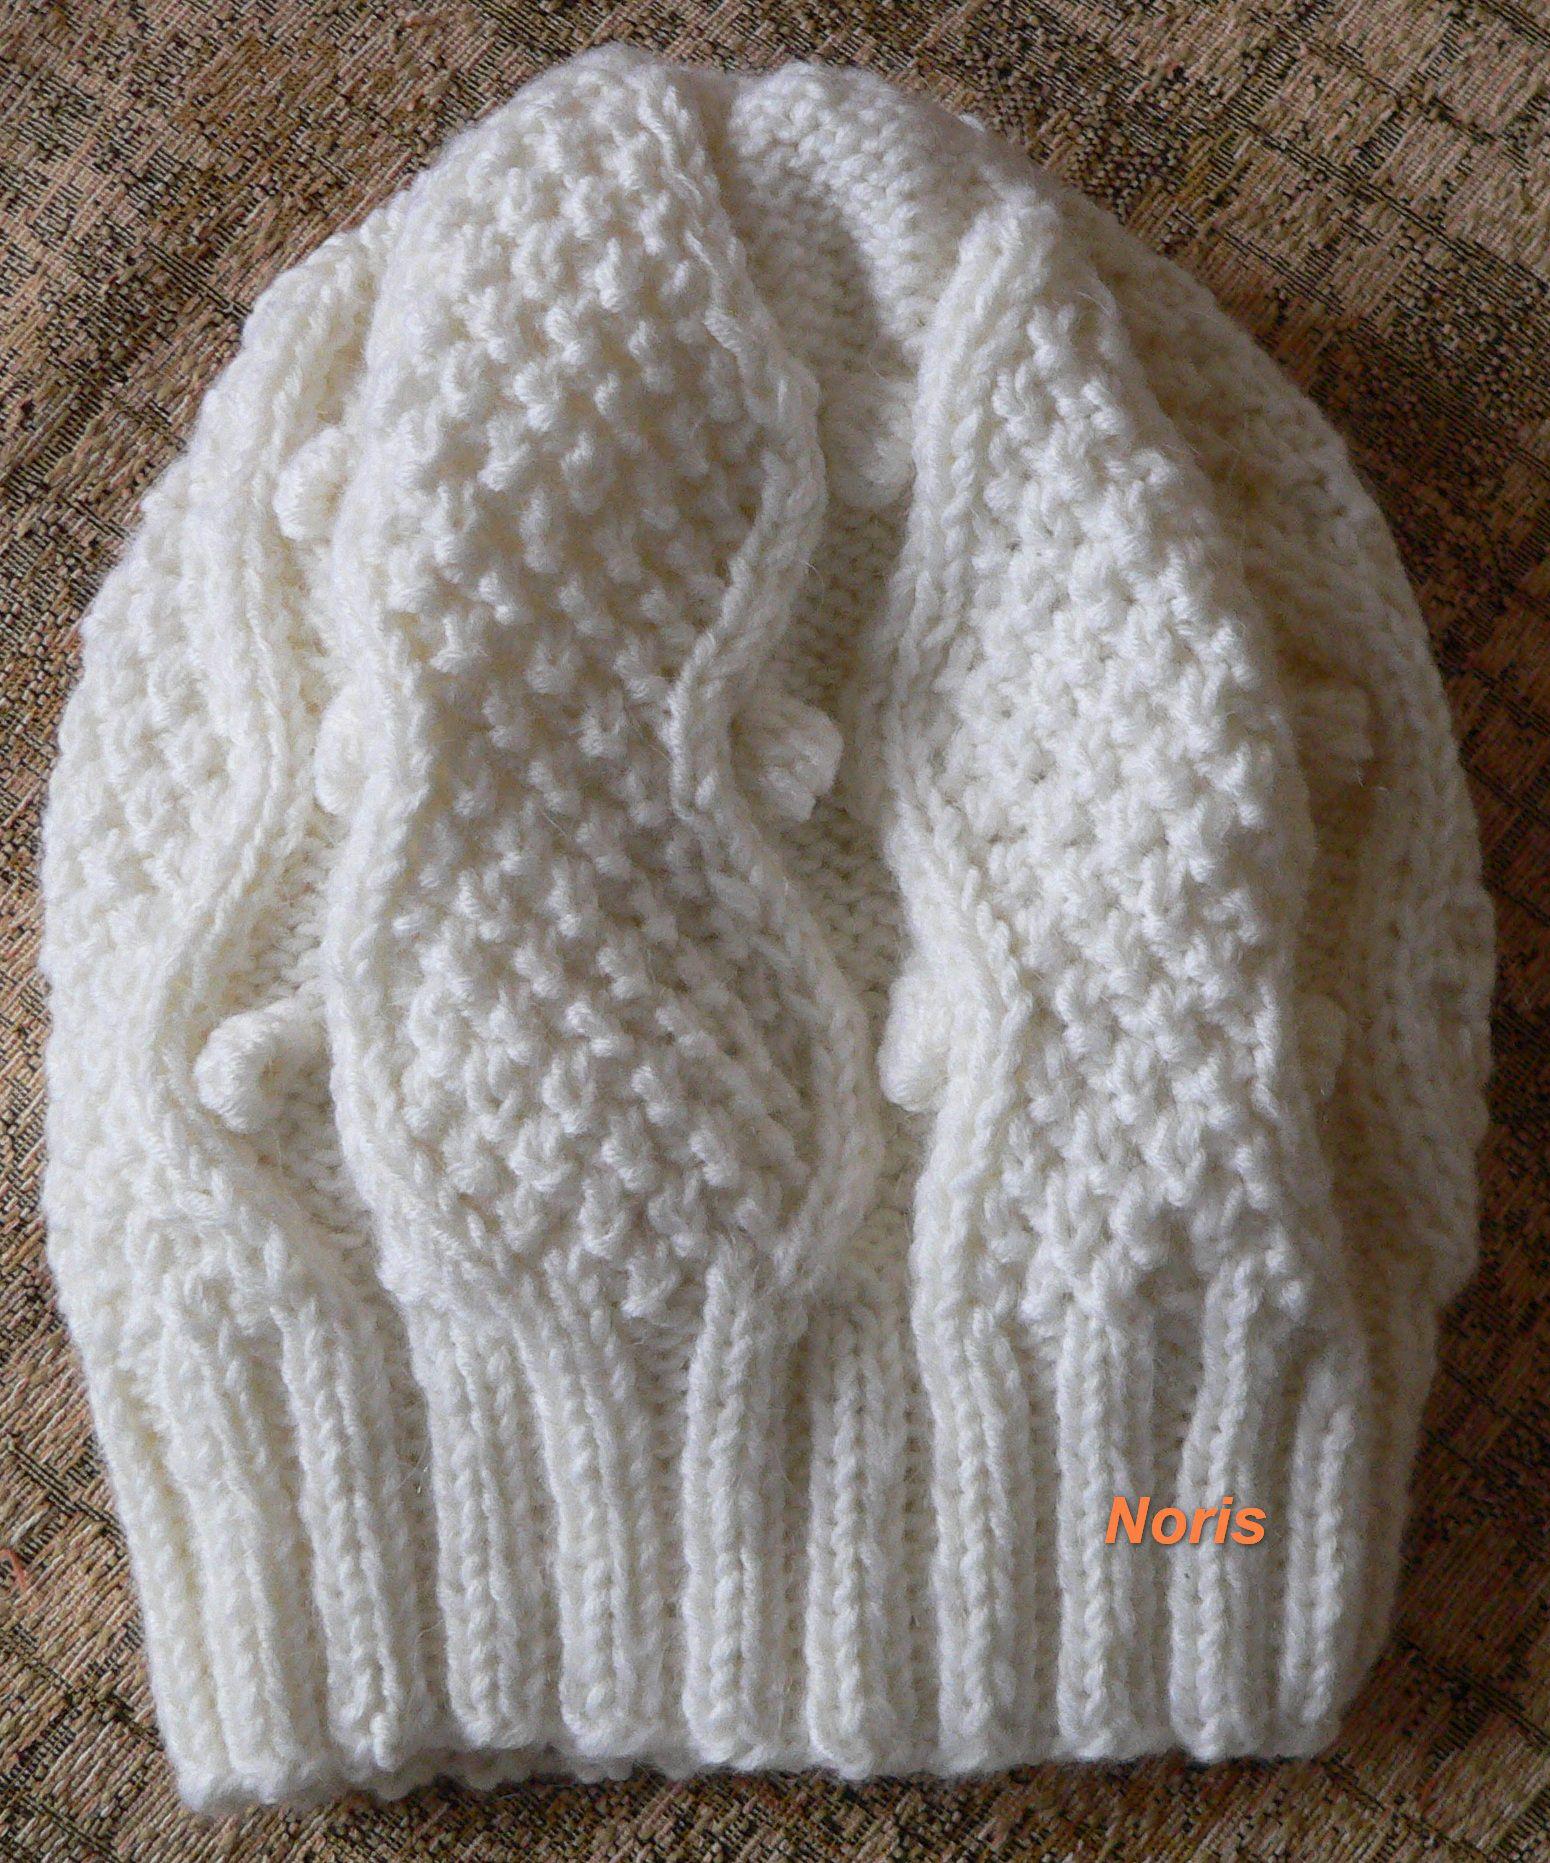 женщине подарок снуд стильнаяшапка купитьшапку спицы красиваяшапка комплект шапка девушке вязаниеспицами вязаниеназаказ